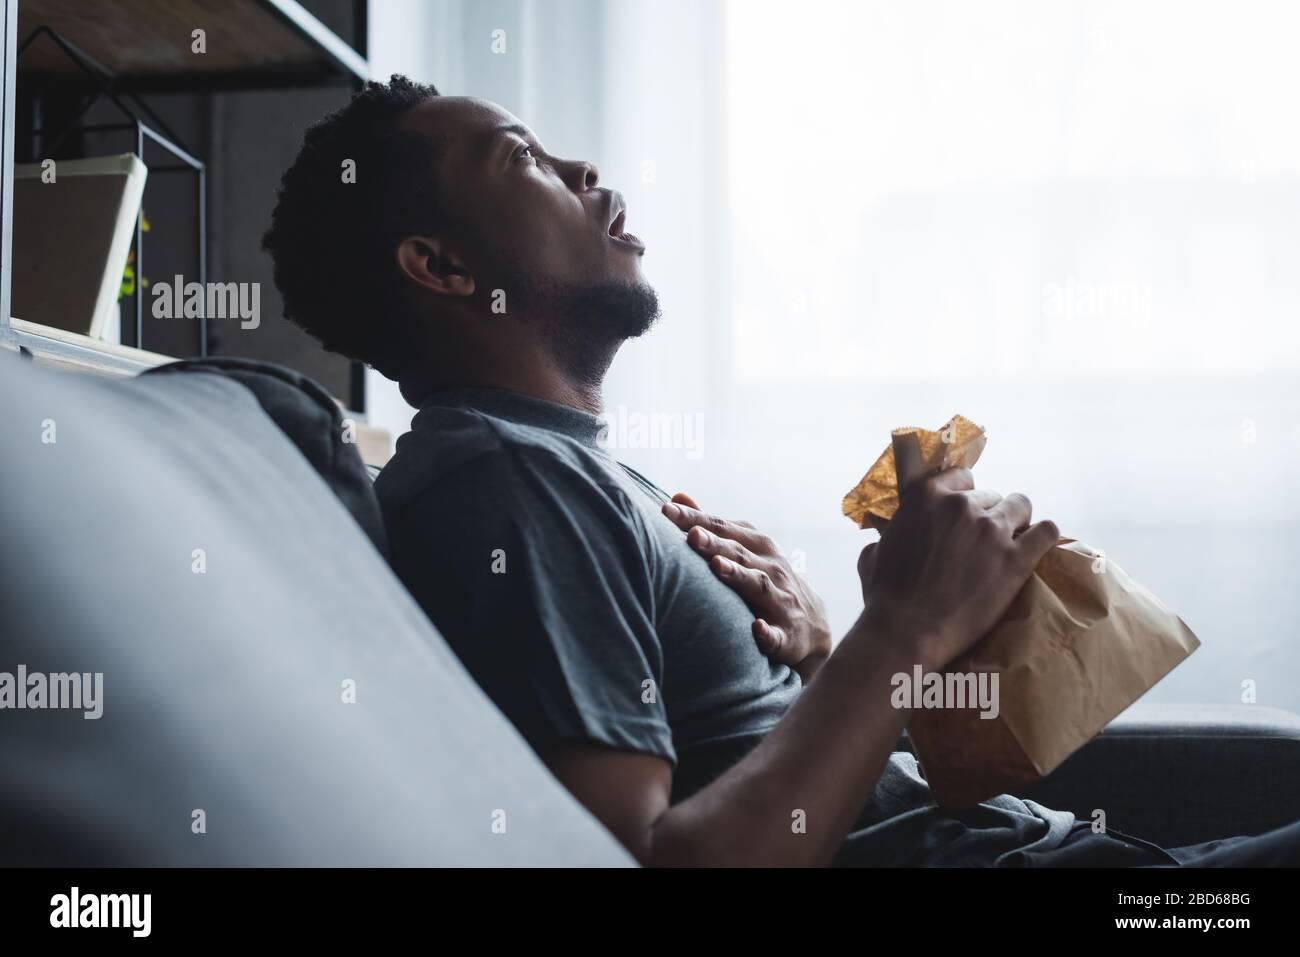 un hombre afroamericano conmocionado sosteniendo una bolsa de papel mientras tenía un ataque de pánico en casa Foto de stock